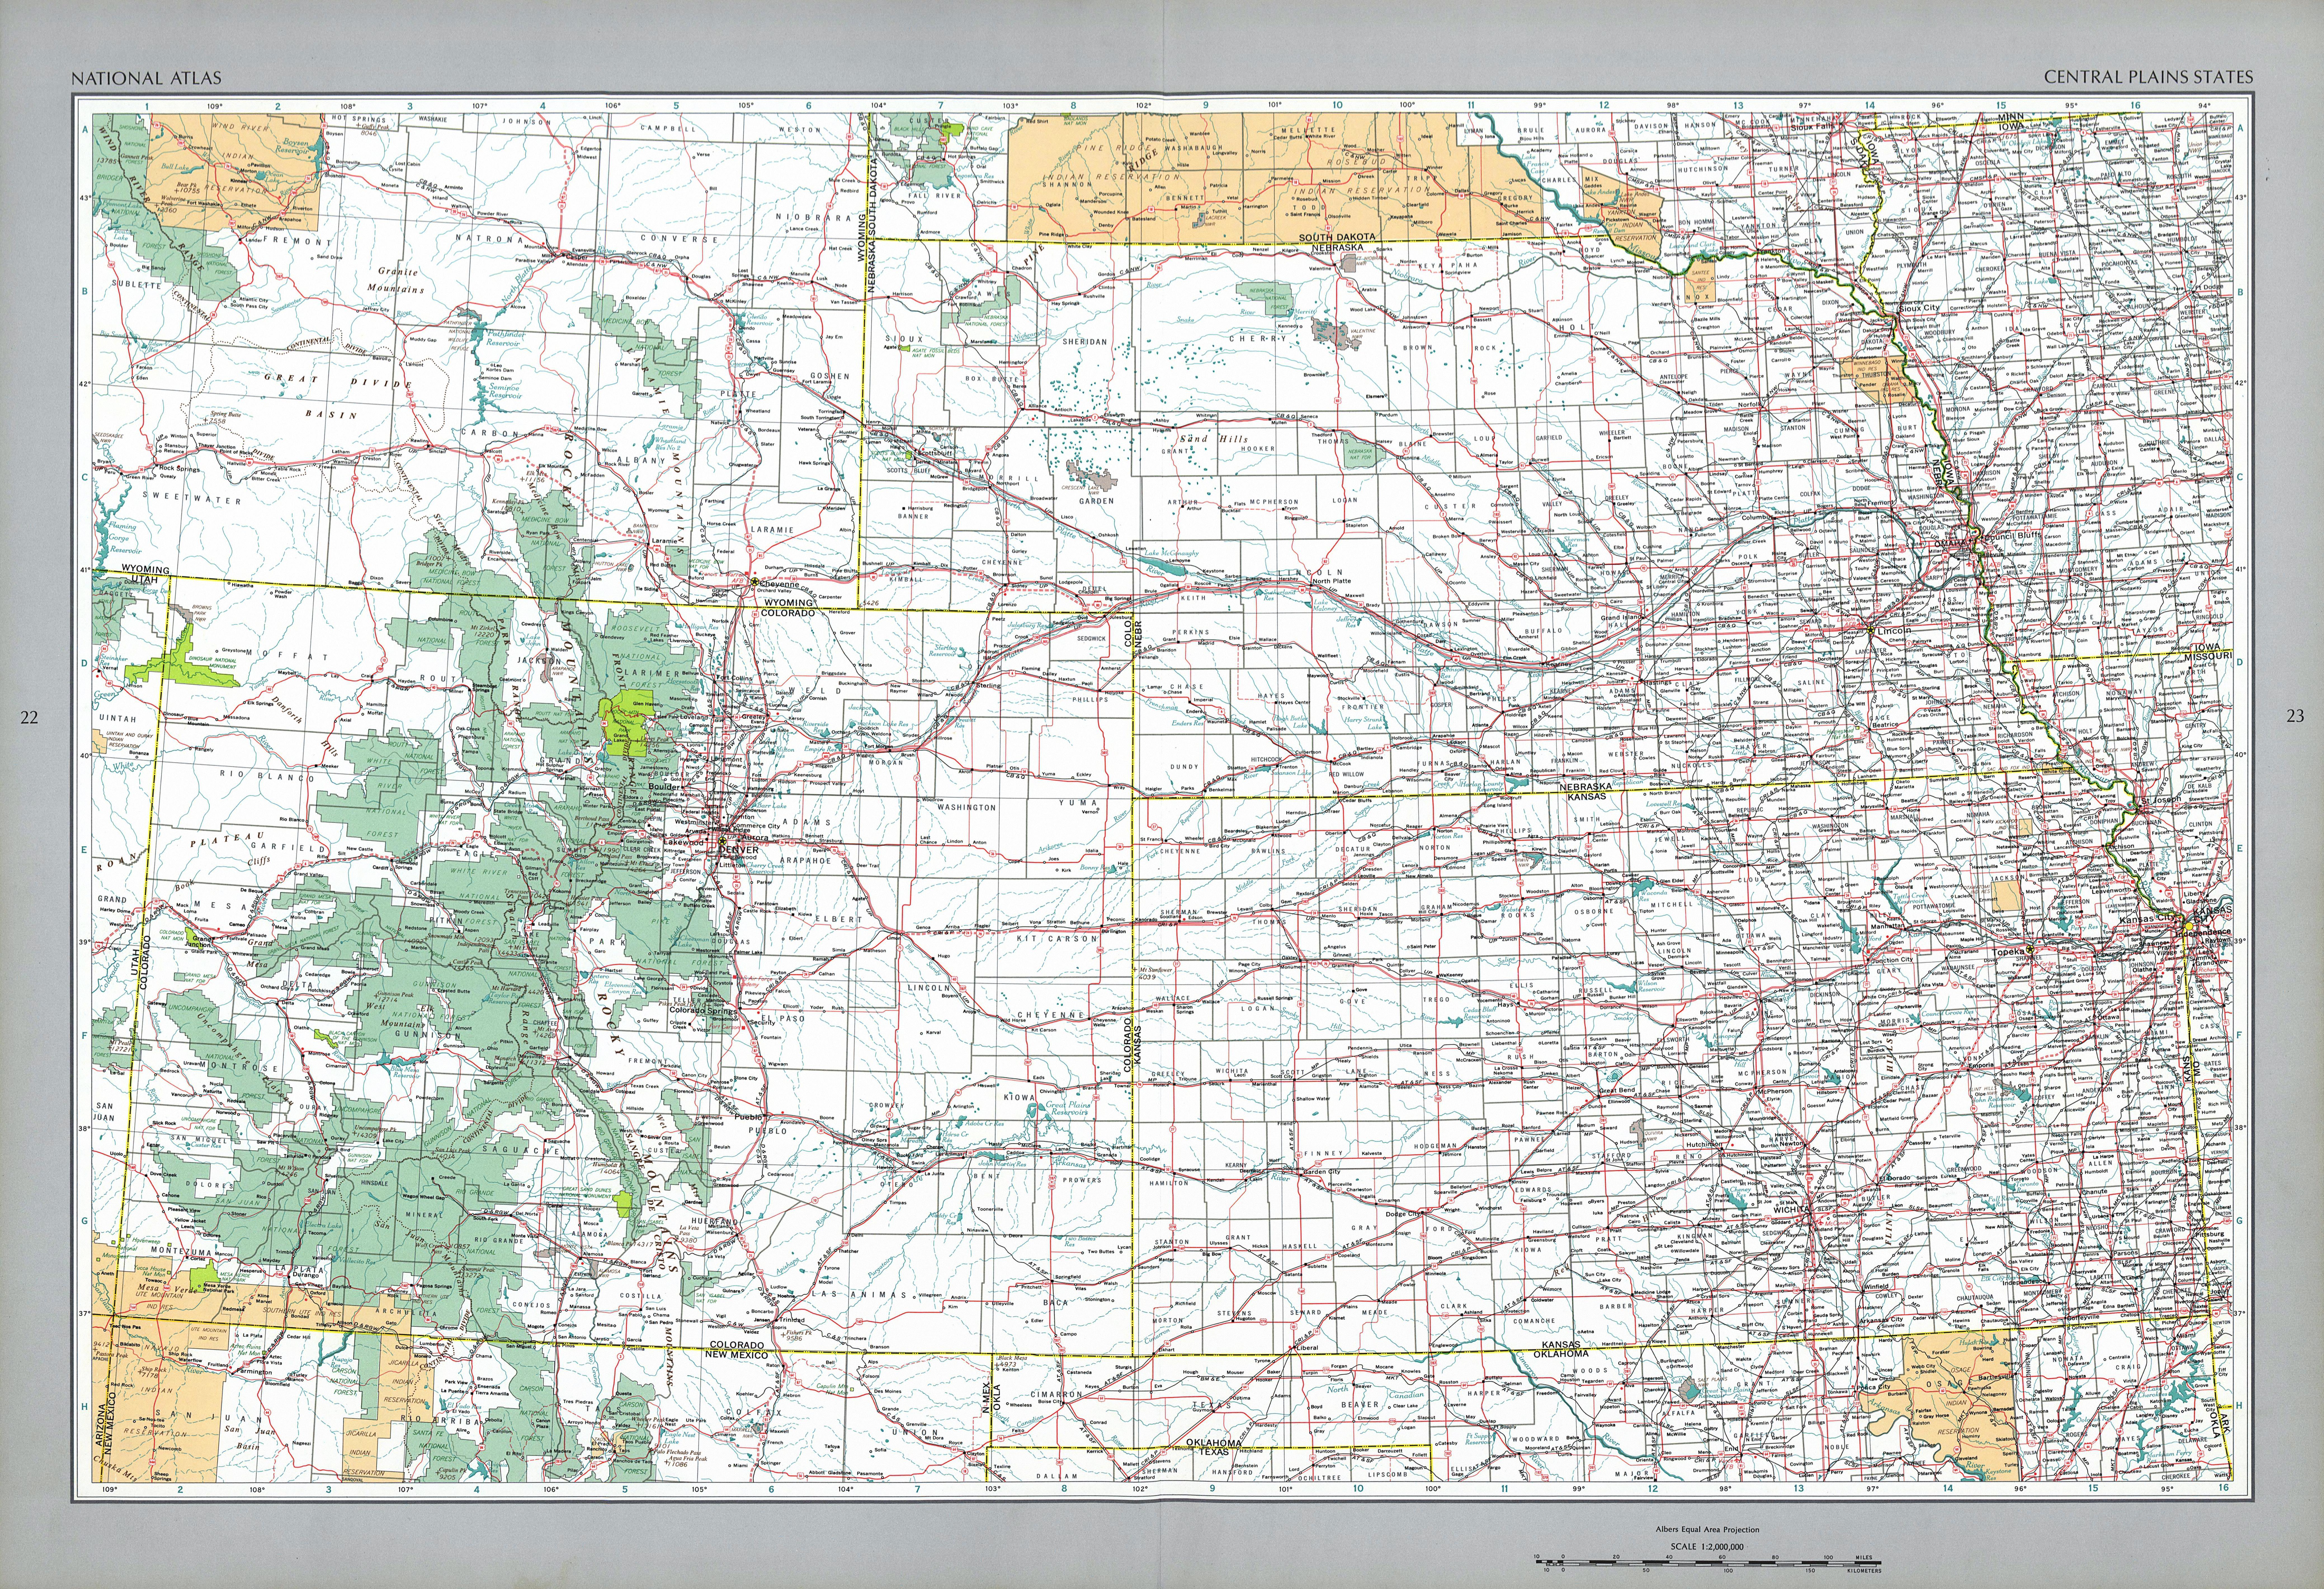 Mapa de los Estados del Centro de las Grandes Llanuras, Estados Unidos